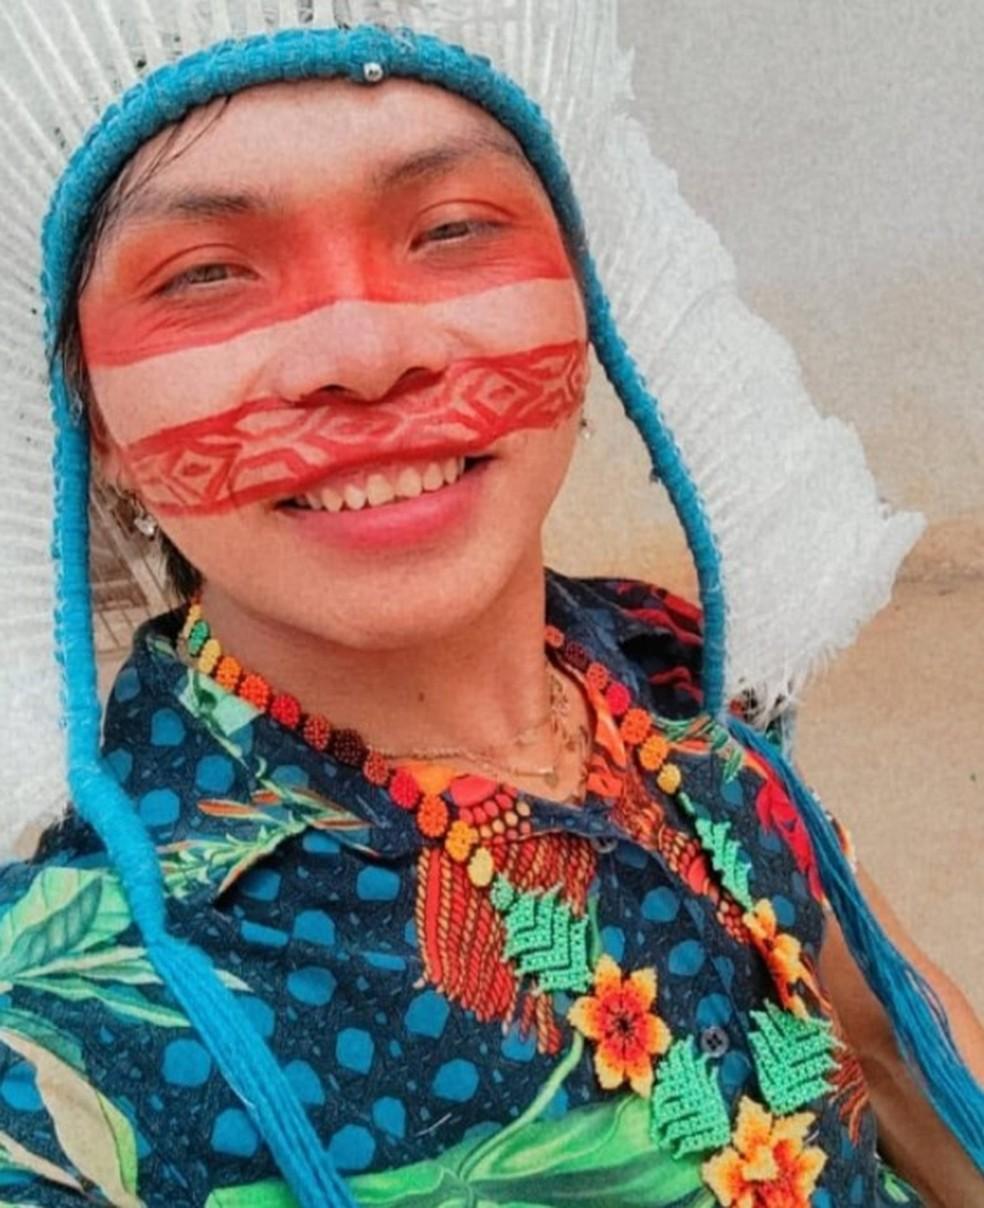 Kupi Poderosa diz que tem orgulho de ser indígena — Foto: Reprodução